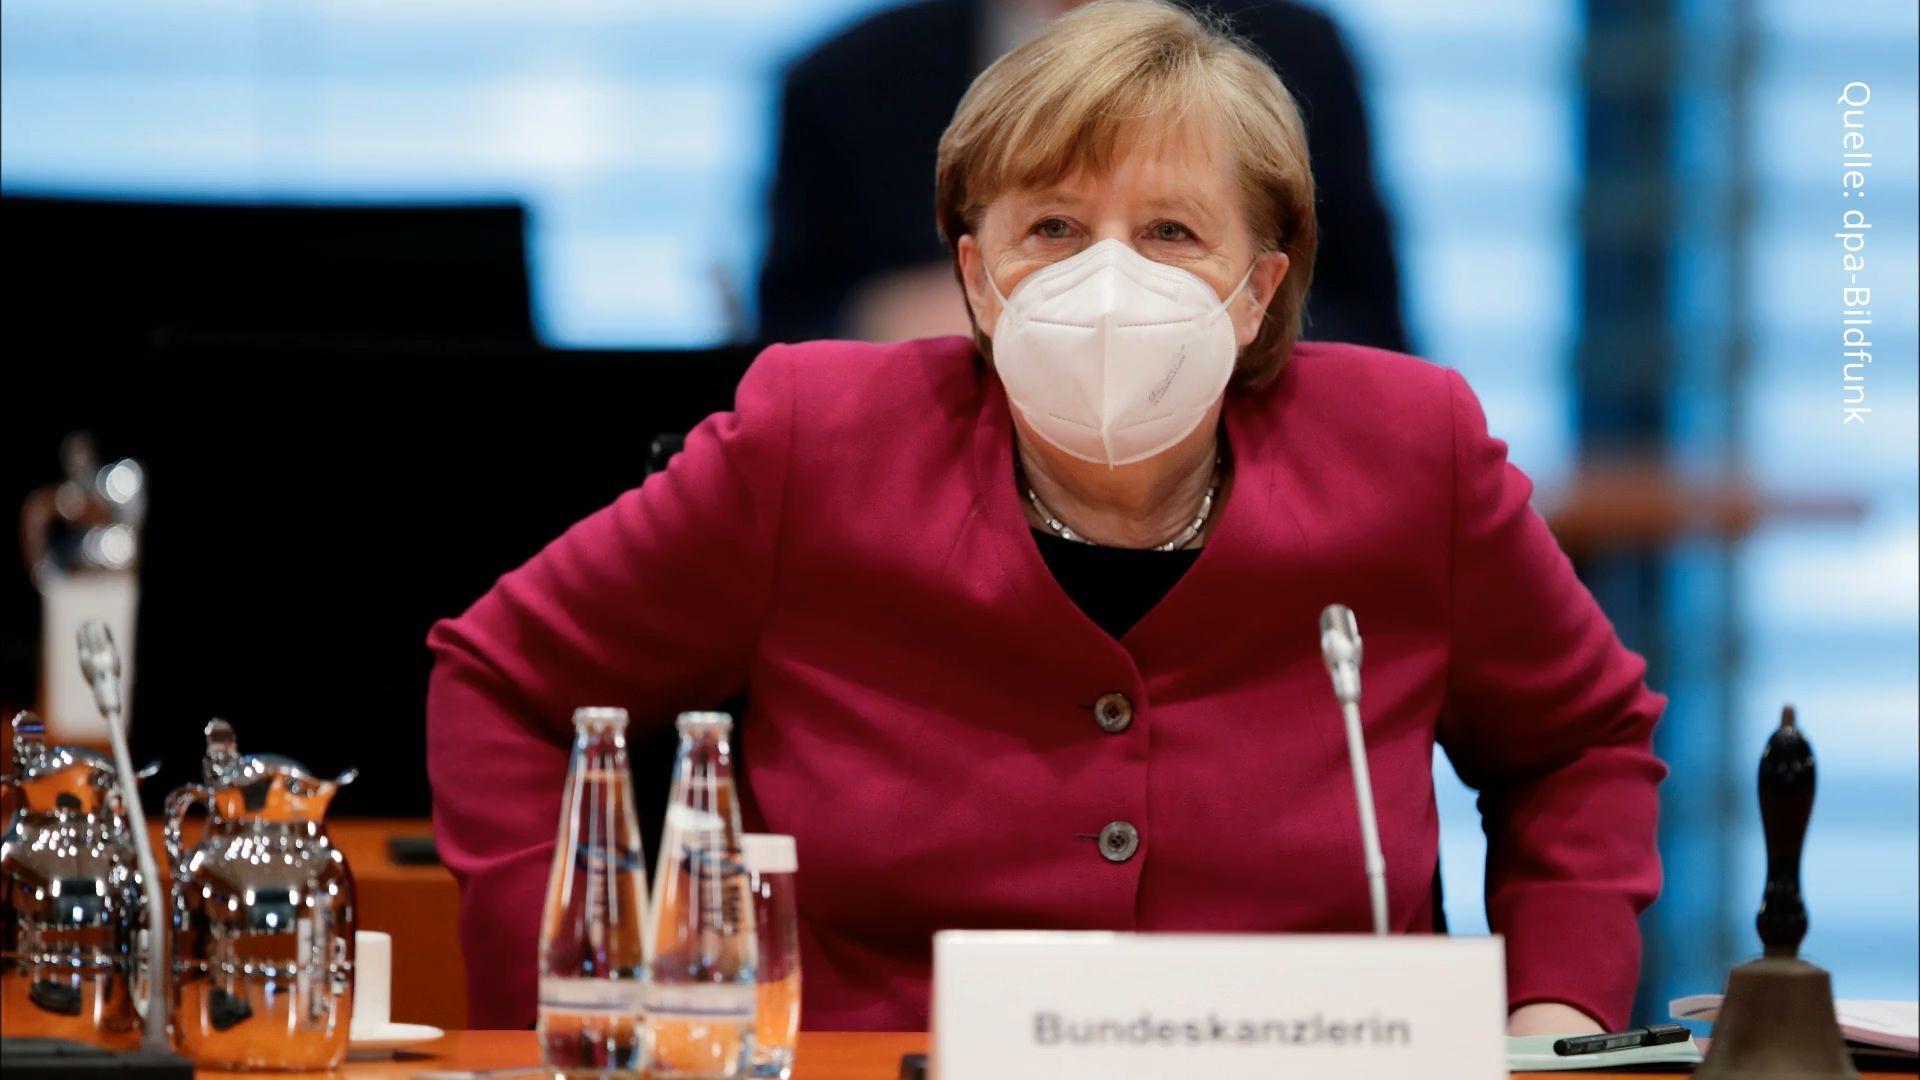 Corona-Gipfel entmachtet: Merkel plant an Gesetz – erste Inhalte schon durchgesickert